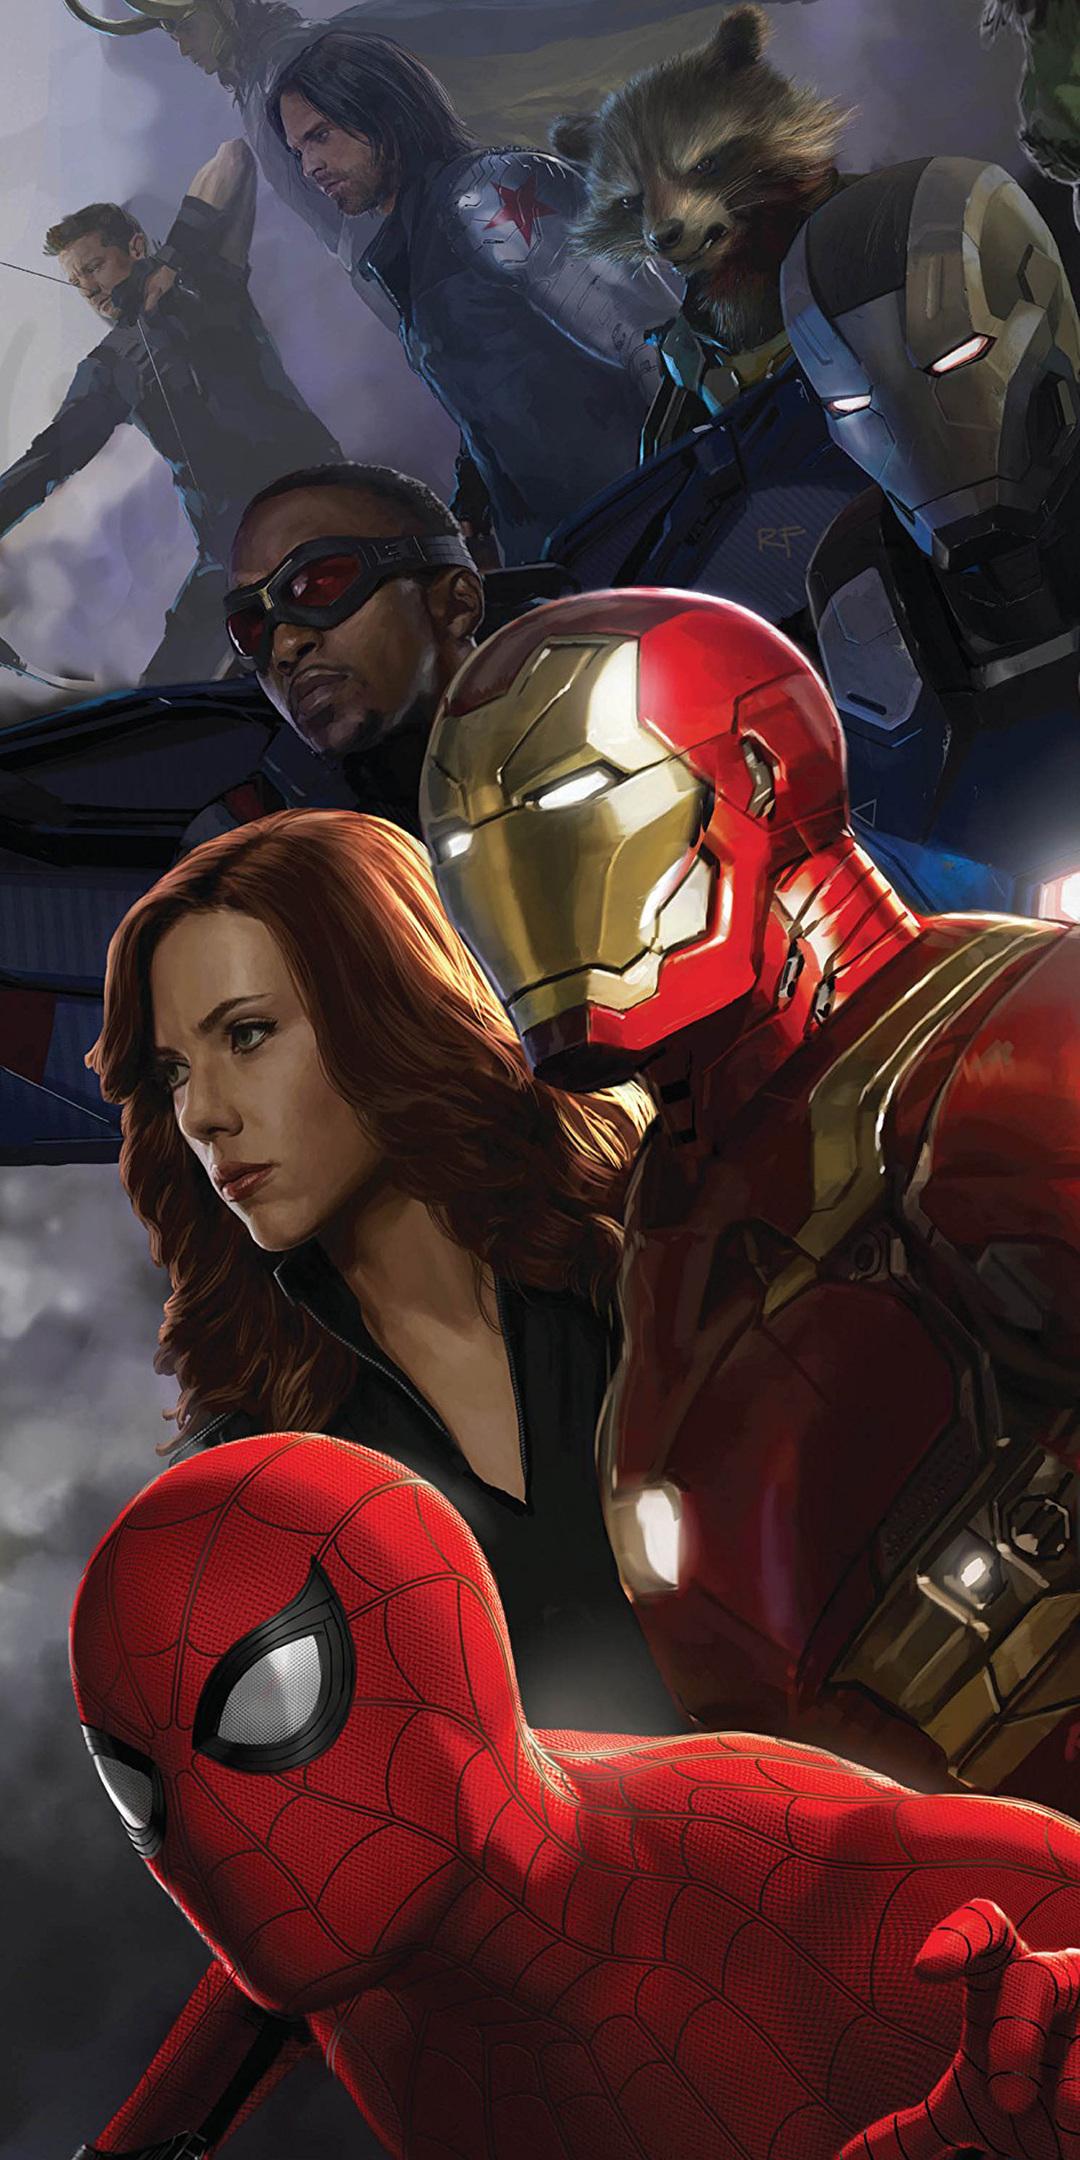 road-to-avengers-infinity-war-artwork-i7.jpg